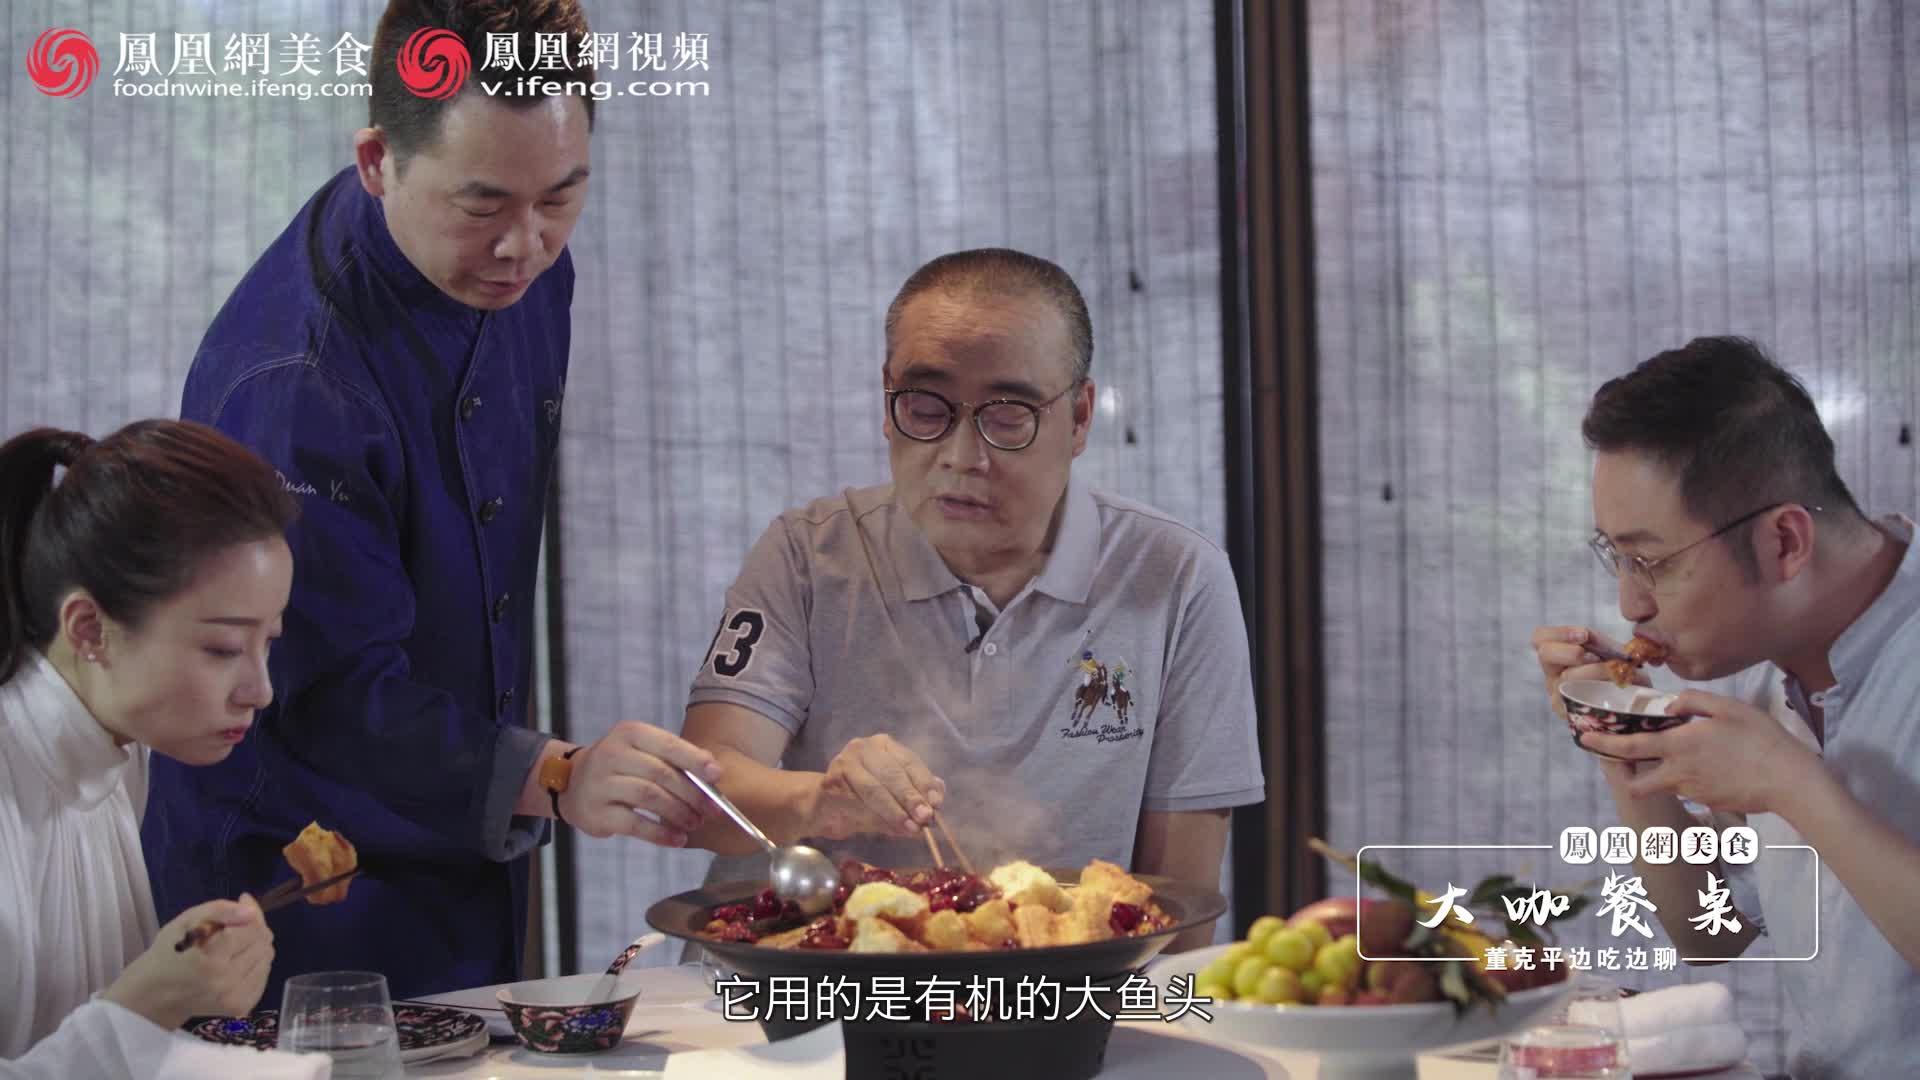 8g网络彩票网址,凤凰网美食大咖餐桌 | 董克平边吃边聊:新旧京菜的江湖之争